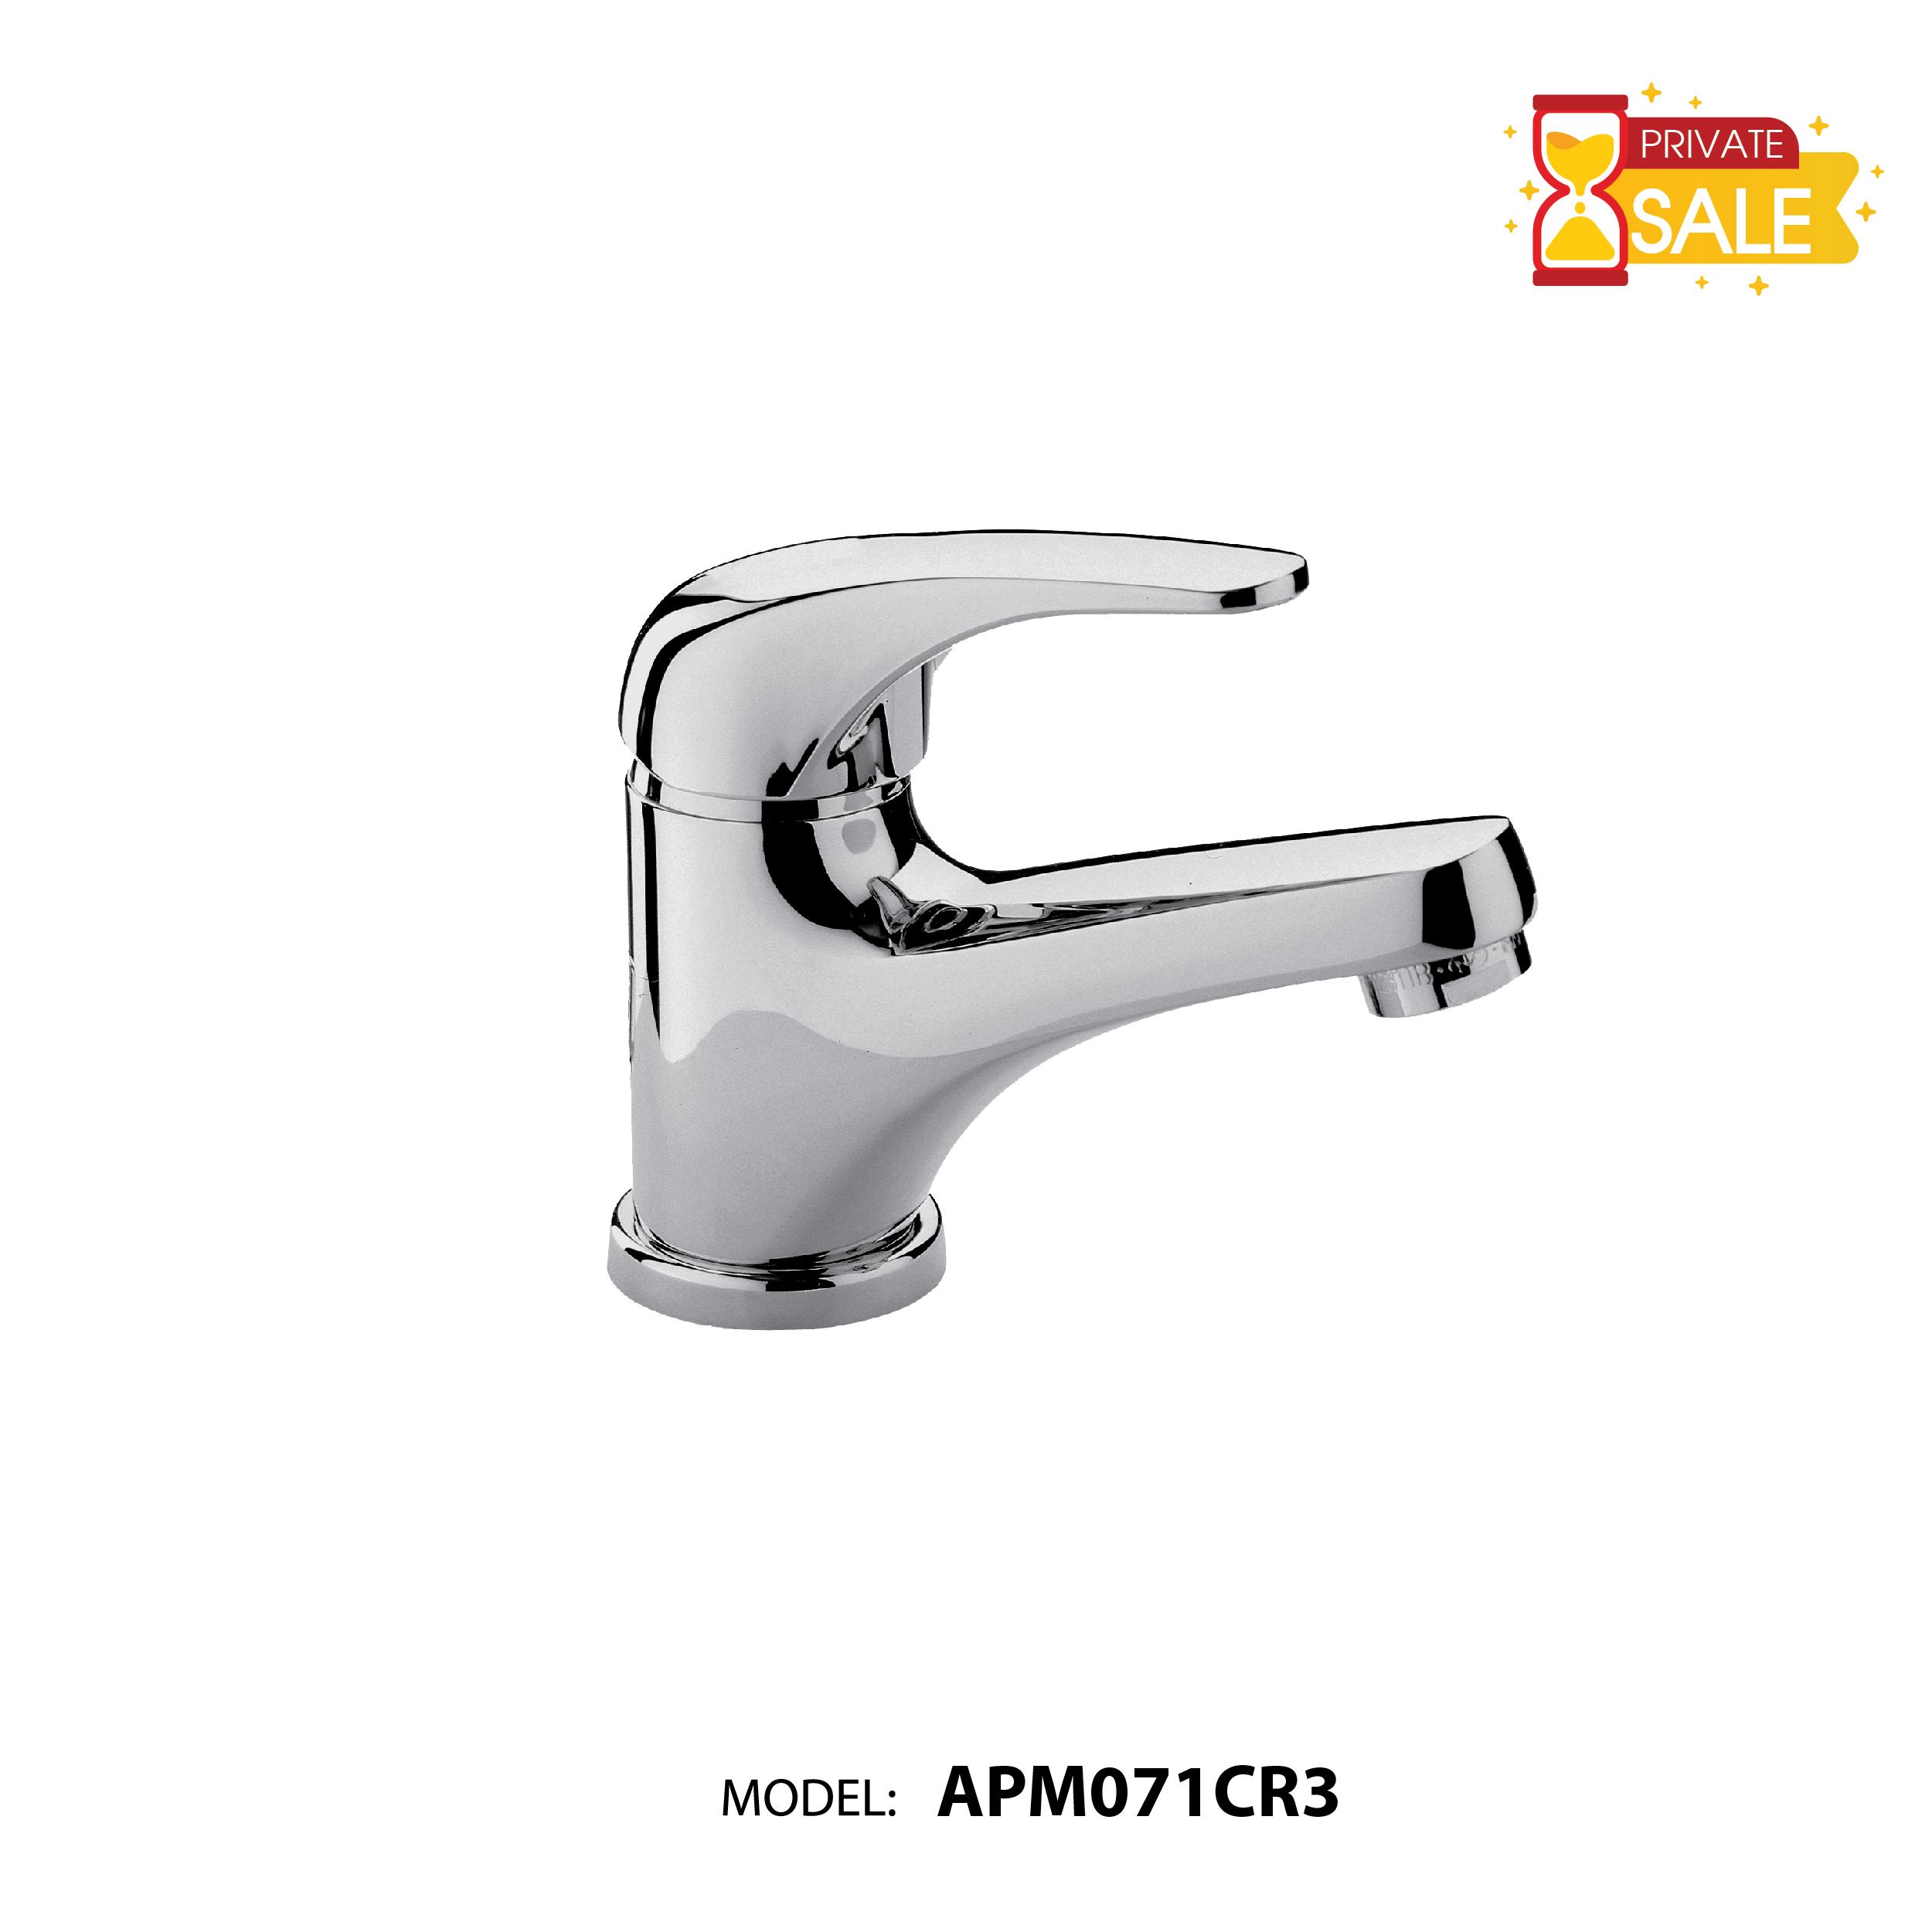 VÒI CHẬU NÓNG LẠNH PAFFONI APM071CR3(Vòi lavabo model: APM071CR3)